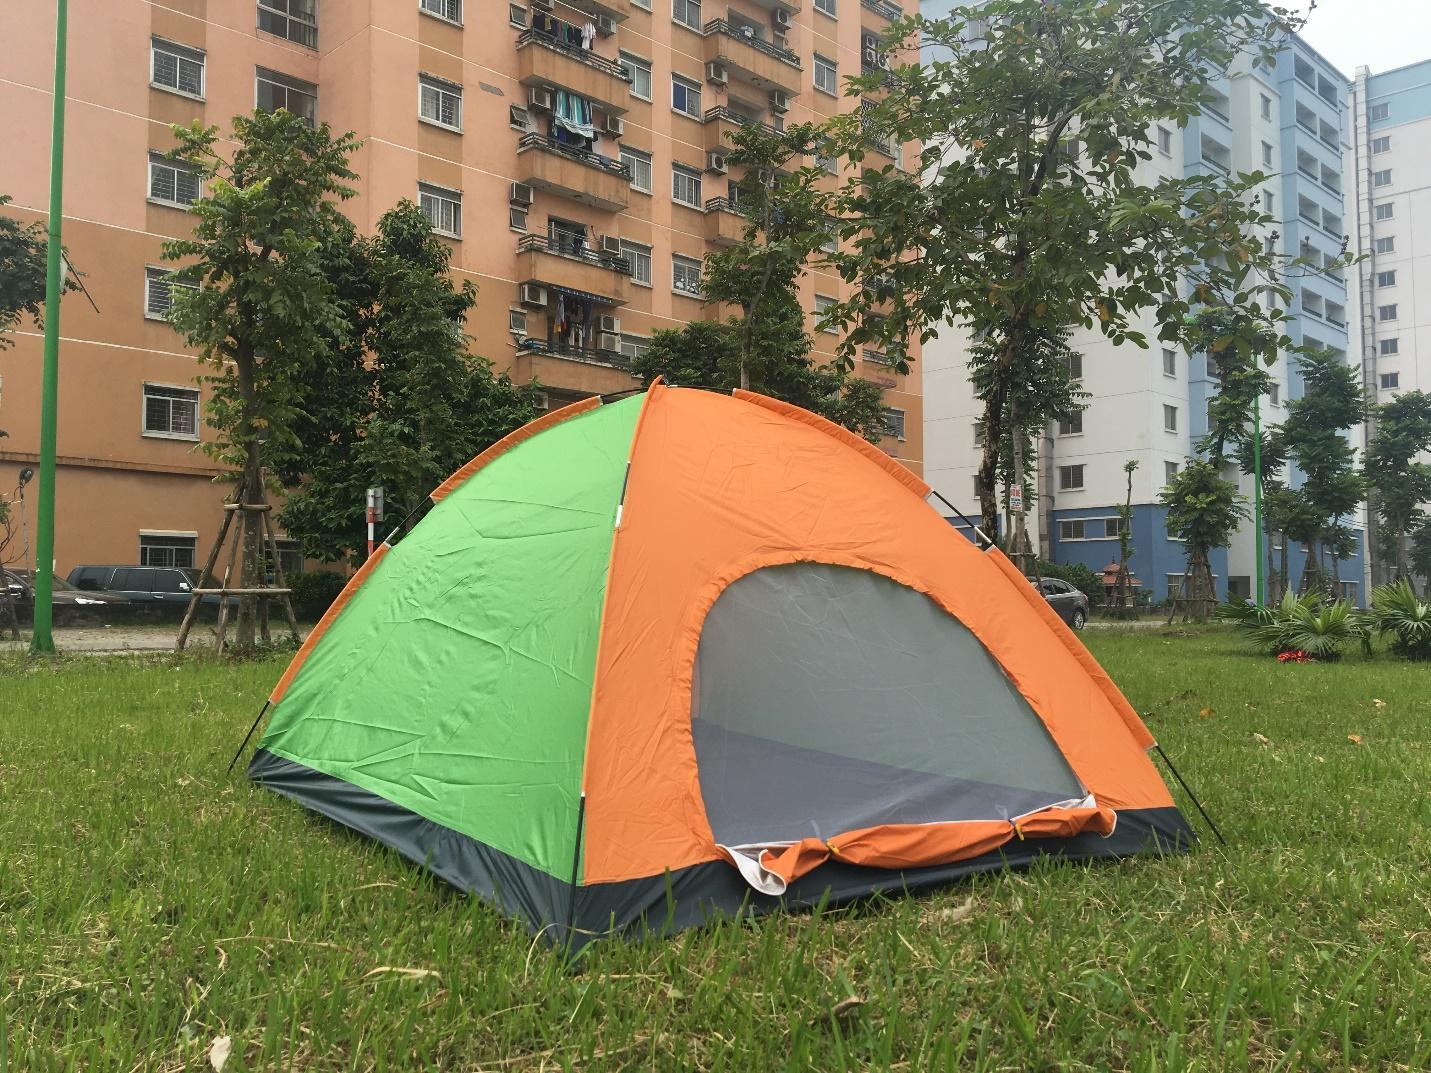 Giá của việc cho thuê lều trại có đắt đỏ không?